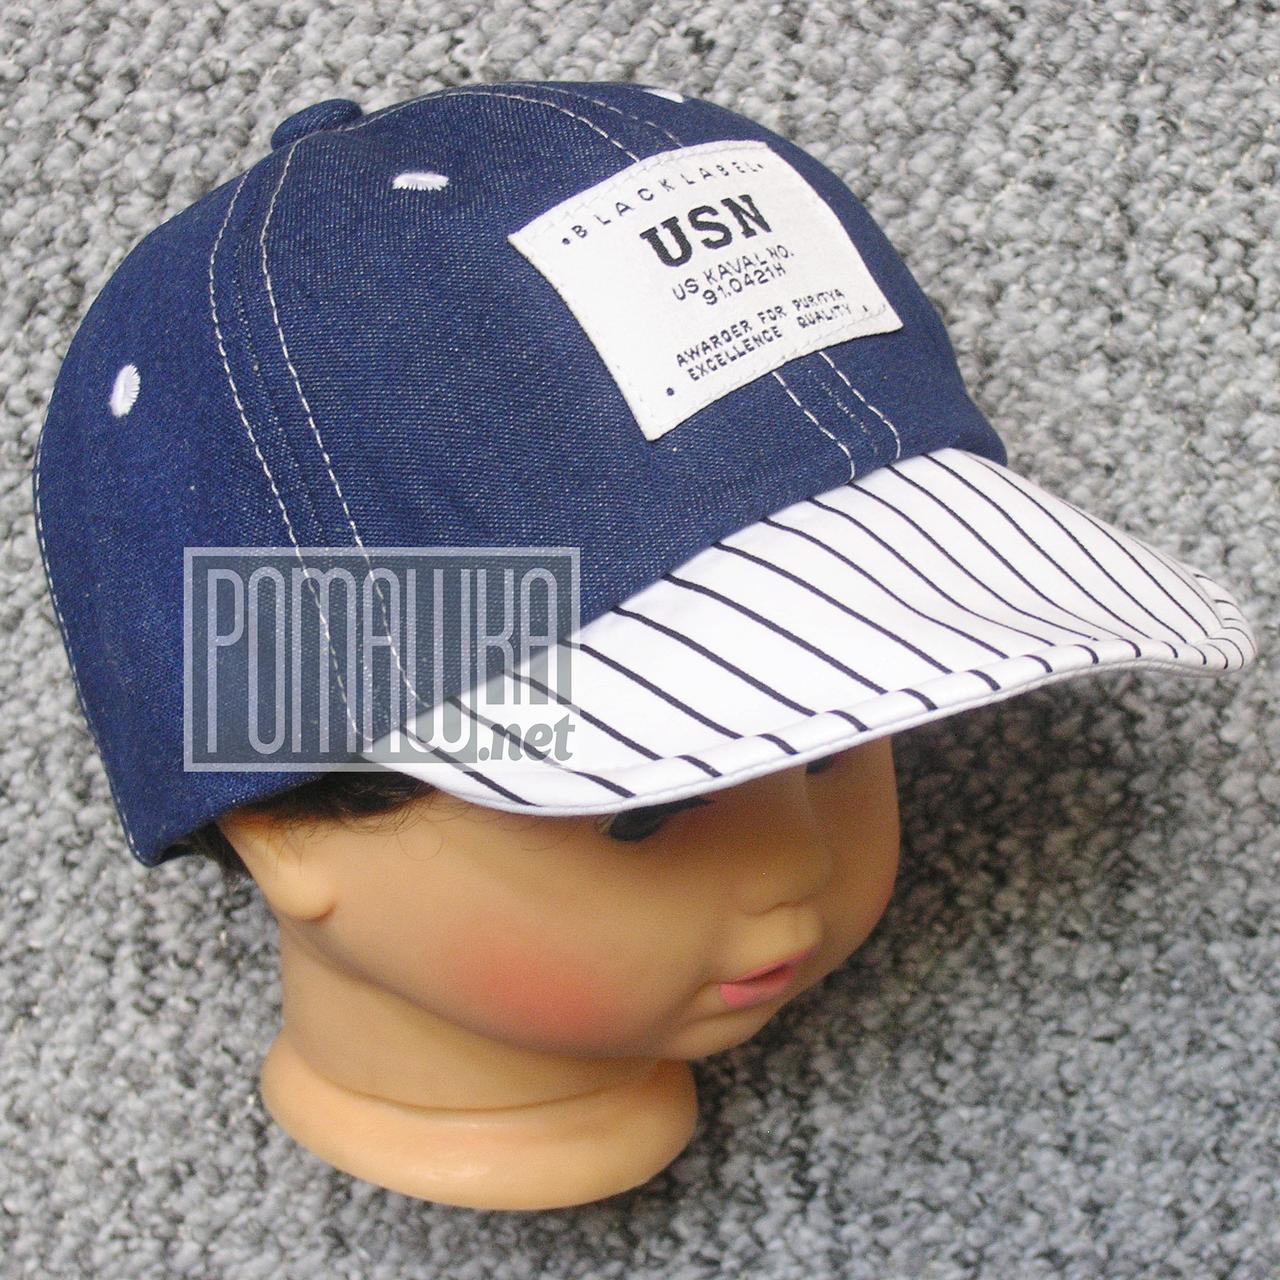 Джинсовая кепка р 46 (50) 9 мес 1-2 года гнётся козырёк бейсболка летняя мальчику малышам на лето 4729 Синий